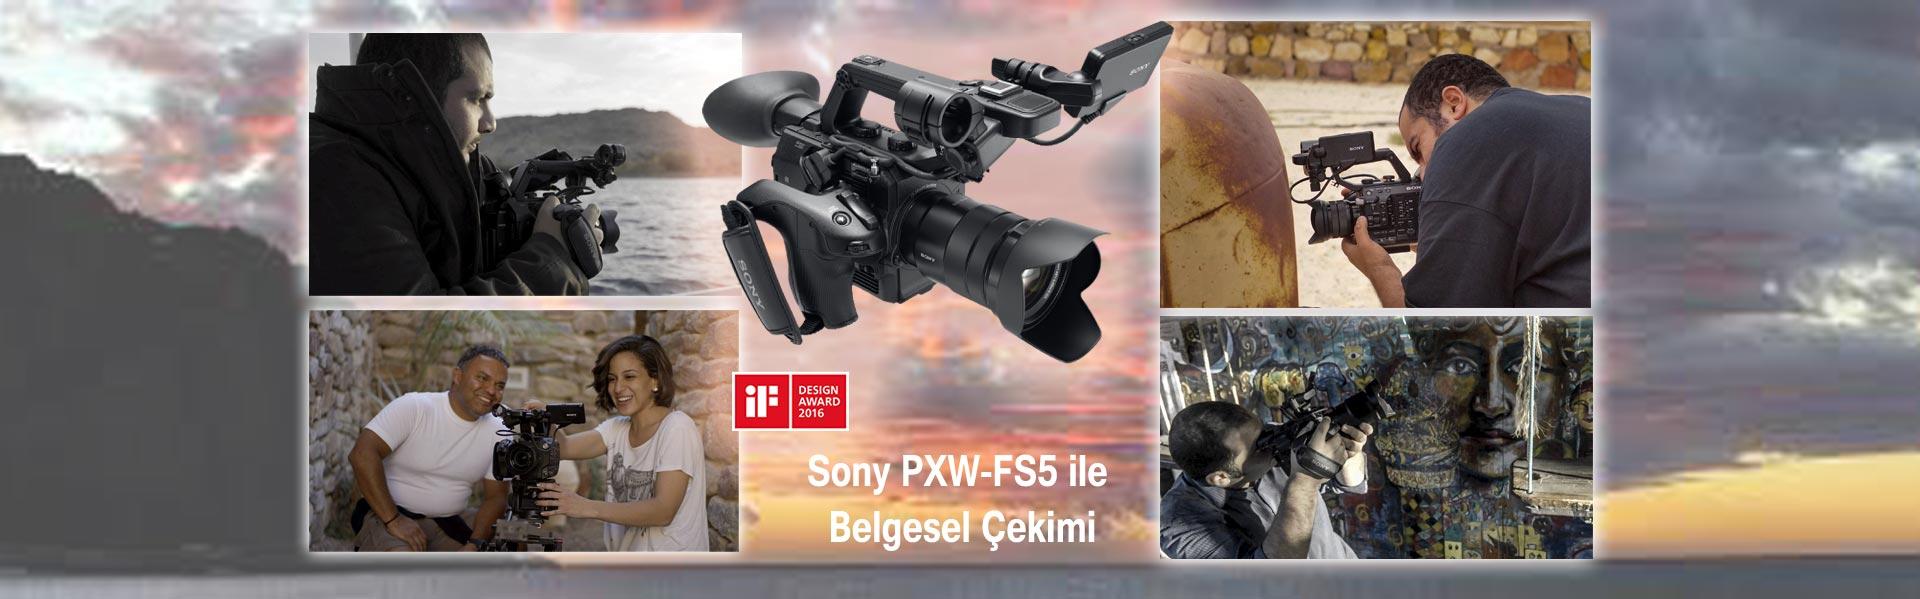 sony-pxw-fs5-ile-belgesel-çekimi